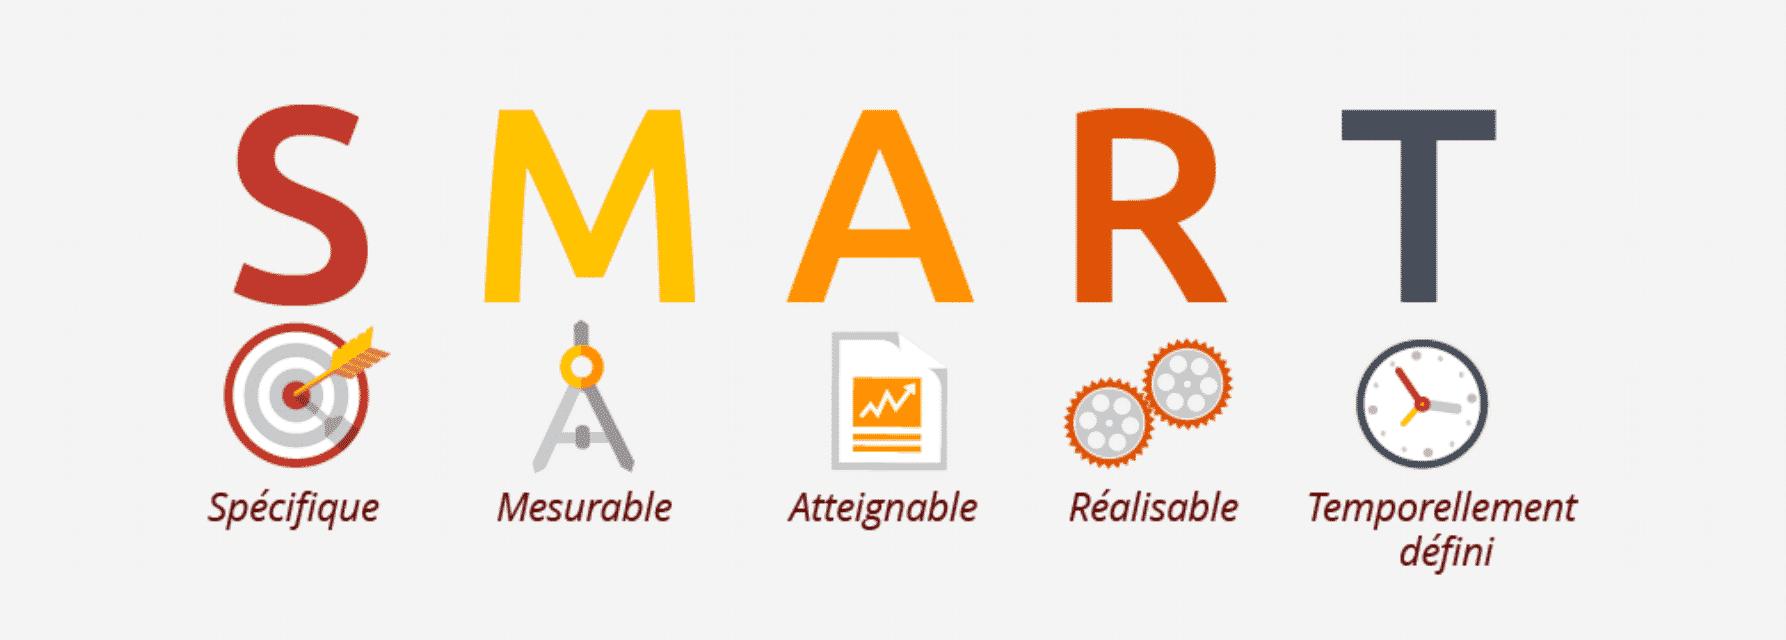 objectif smart pour refonte de site web